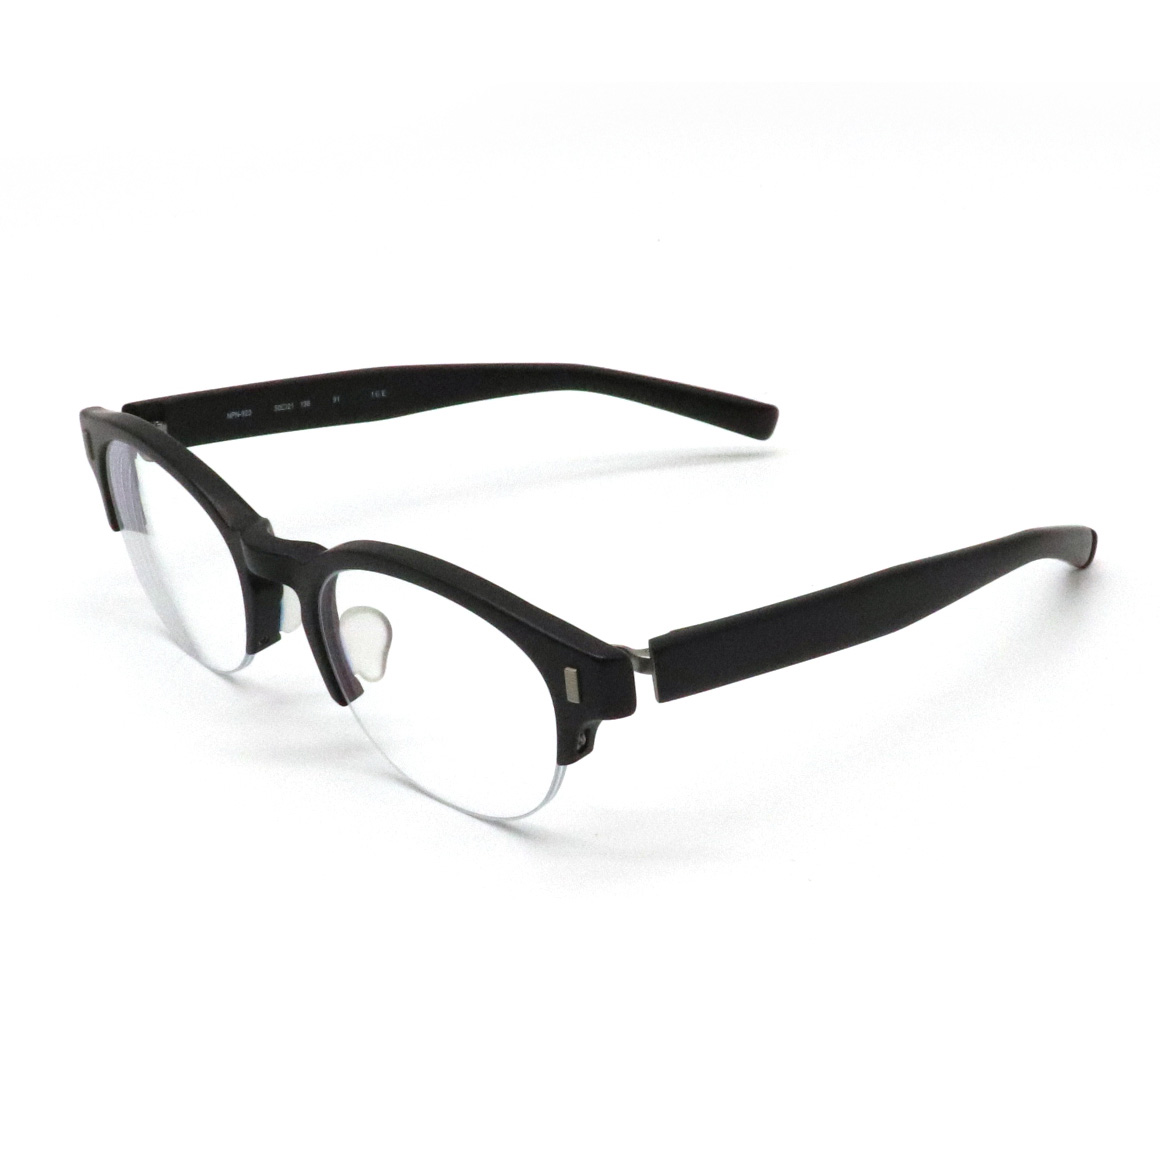 999.9 フォー ナインズ フォーナインズ 眼鏡 めがね メガネ 度入り ブラック 50□21 138 NPN-923 【中古】